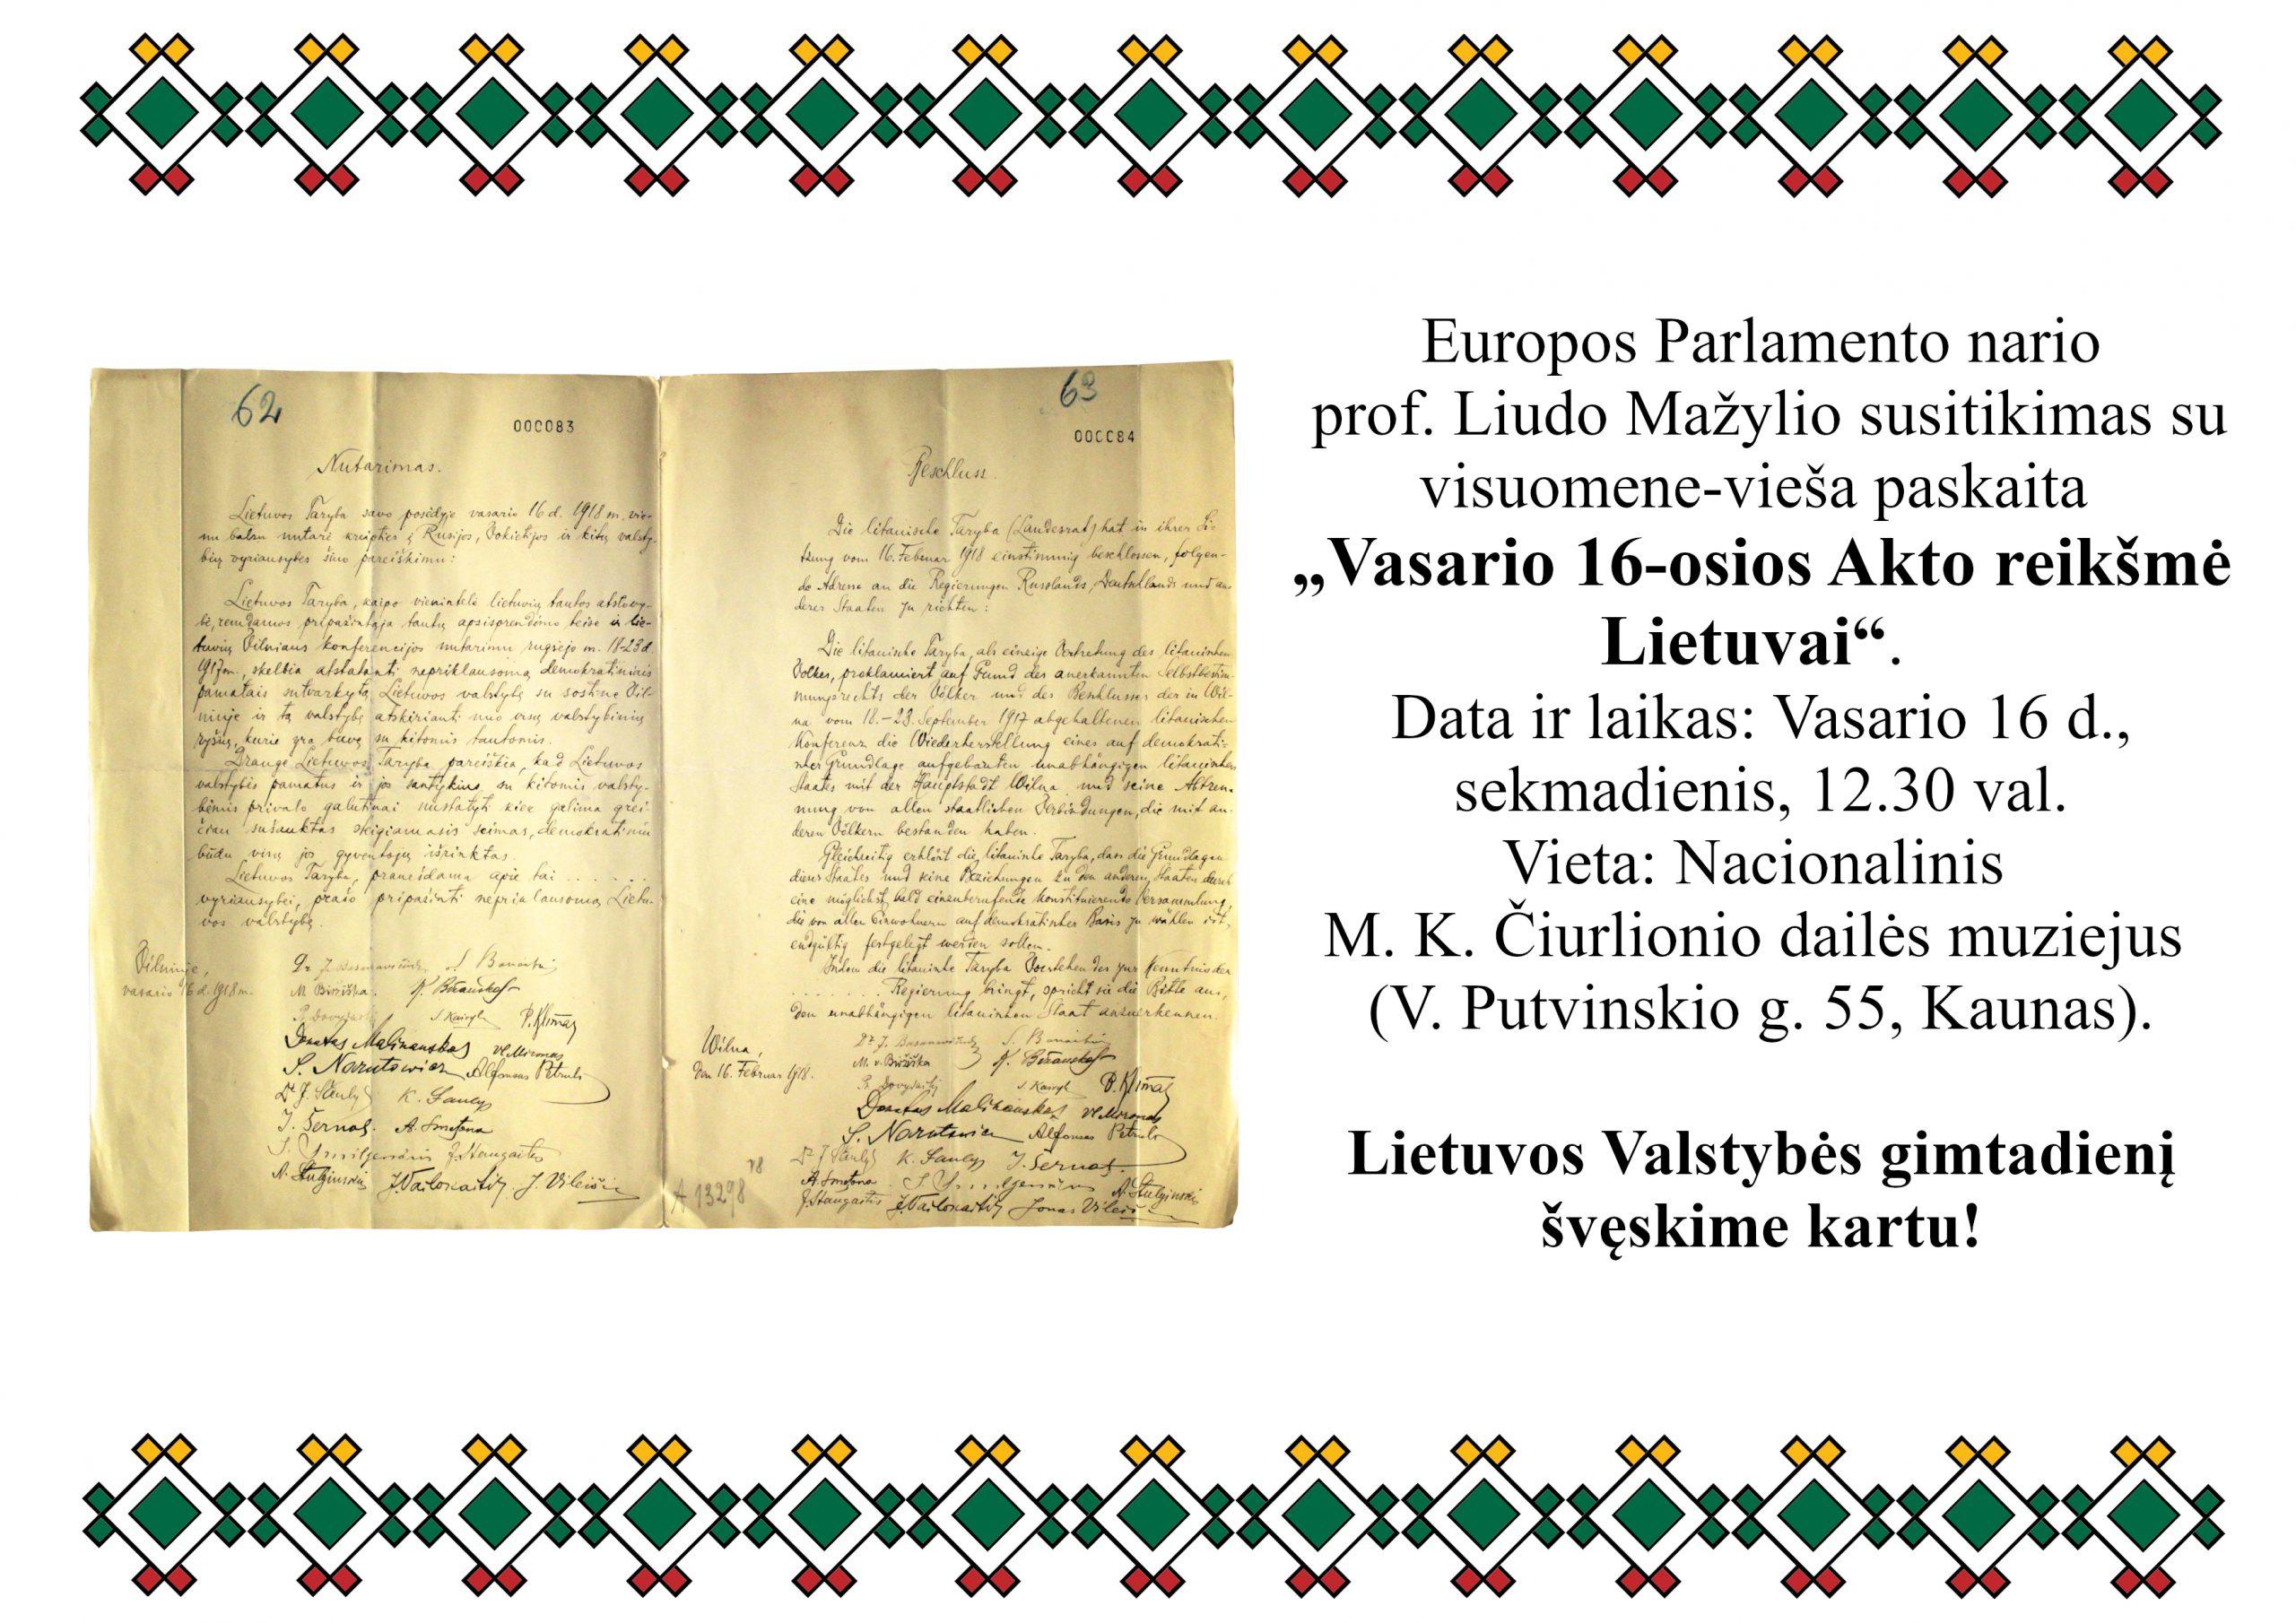 L. Mažylio vieša paskaita ir susitikimas su visuomene Kaune